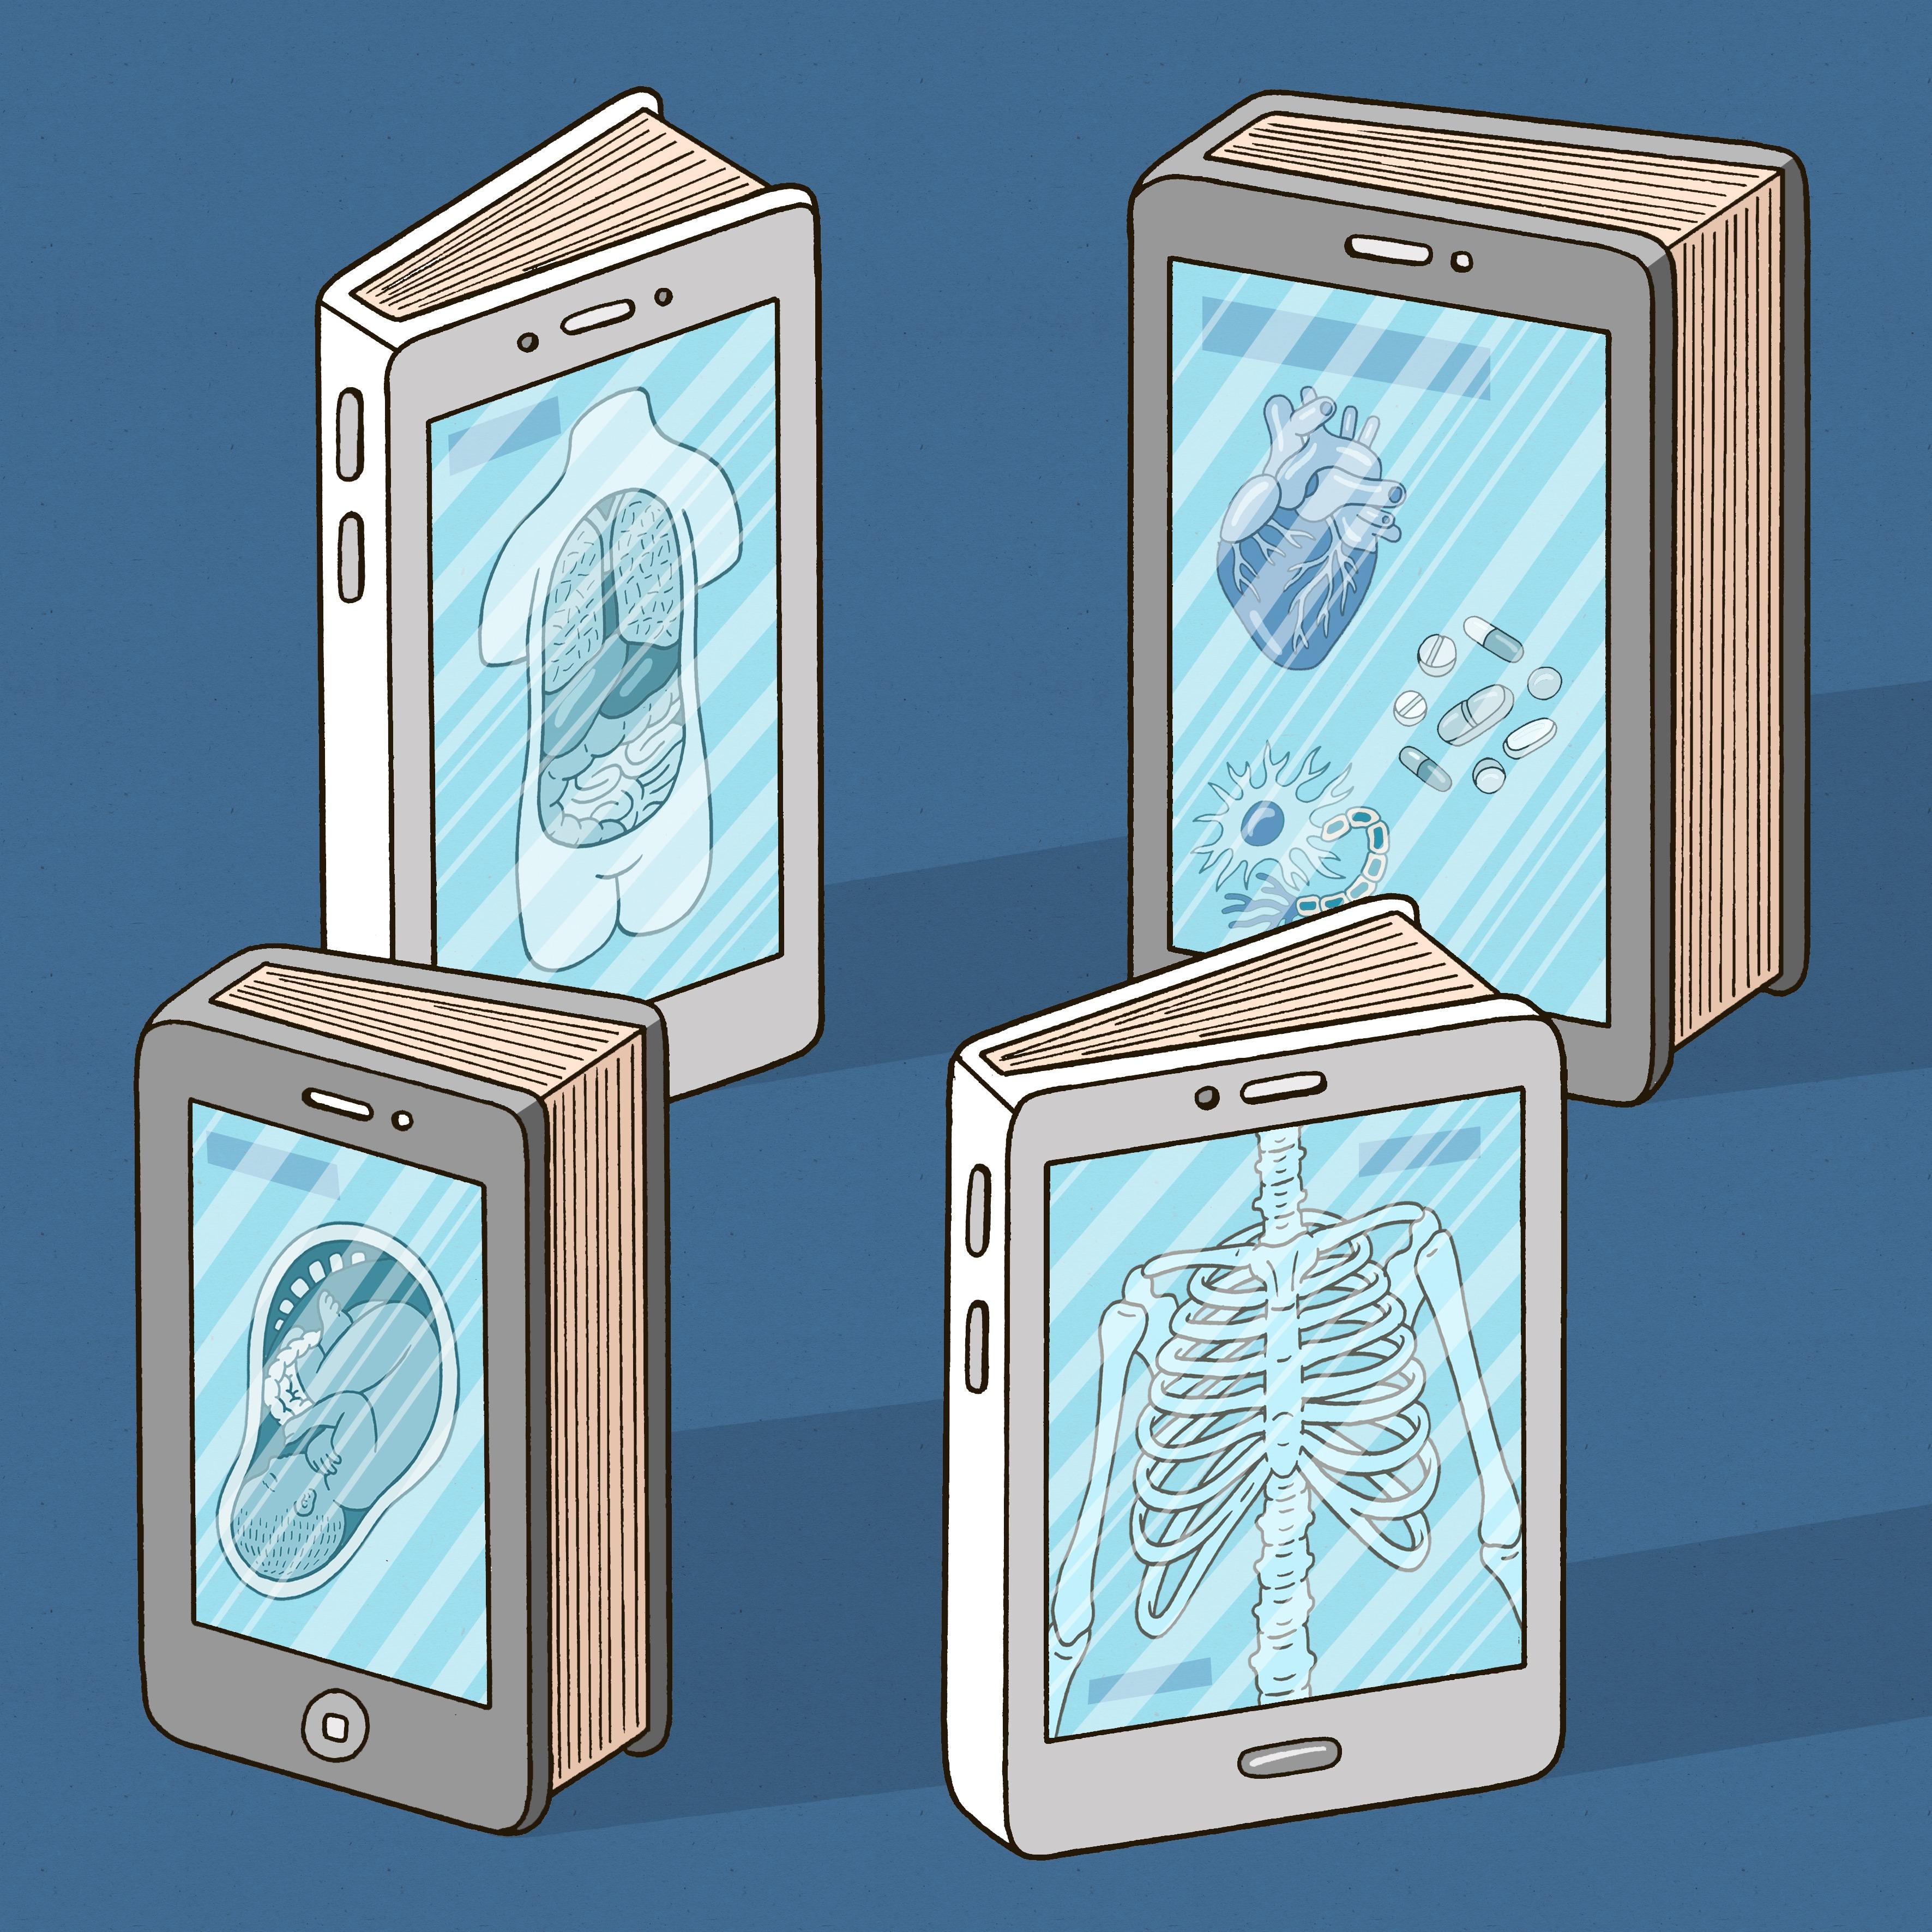 elsevier_ebook_bibliothèque_digitalisation